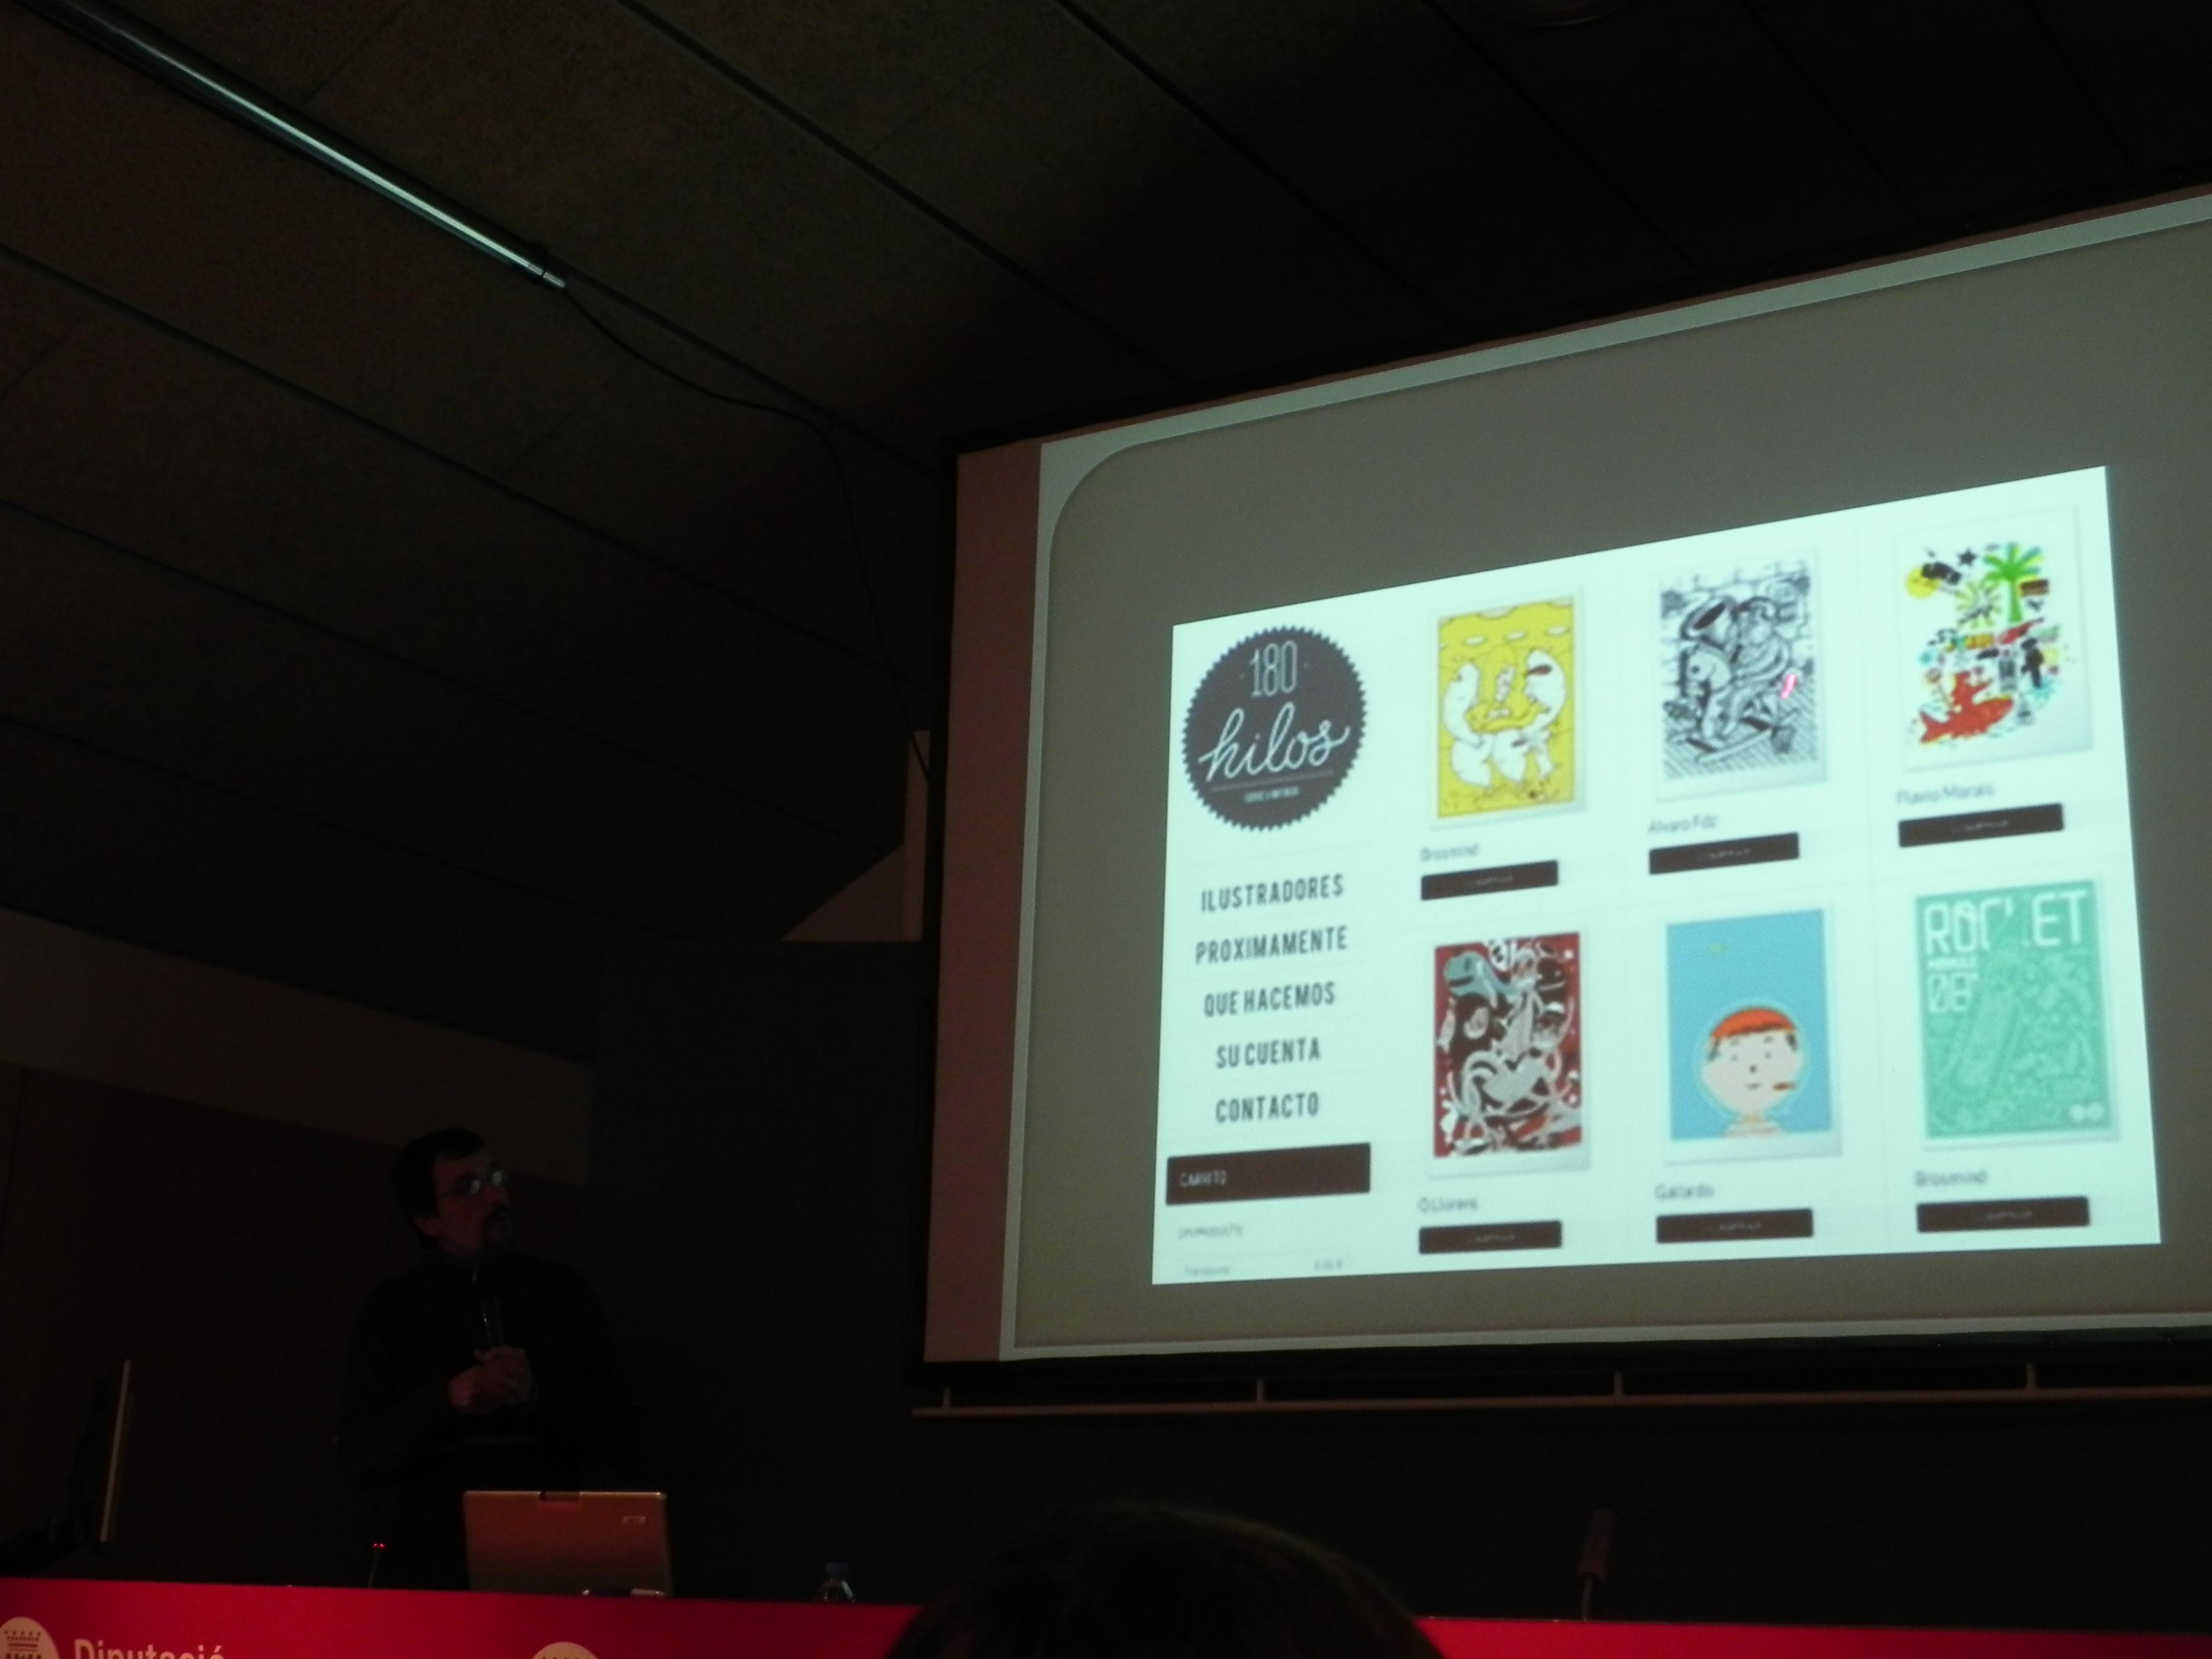 Conferencia de José Mª Hernando de Art Plus Serigrafía durante las XX Jornades Tècniques organizadas por la Escola del Treball titulada Serigrafía artística 180hilos